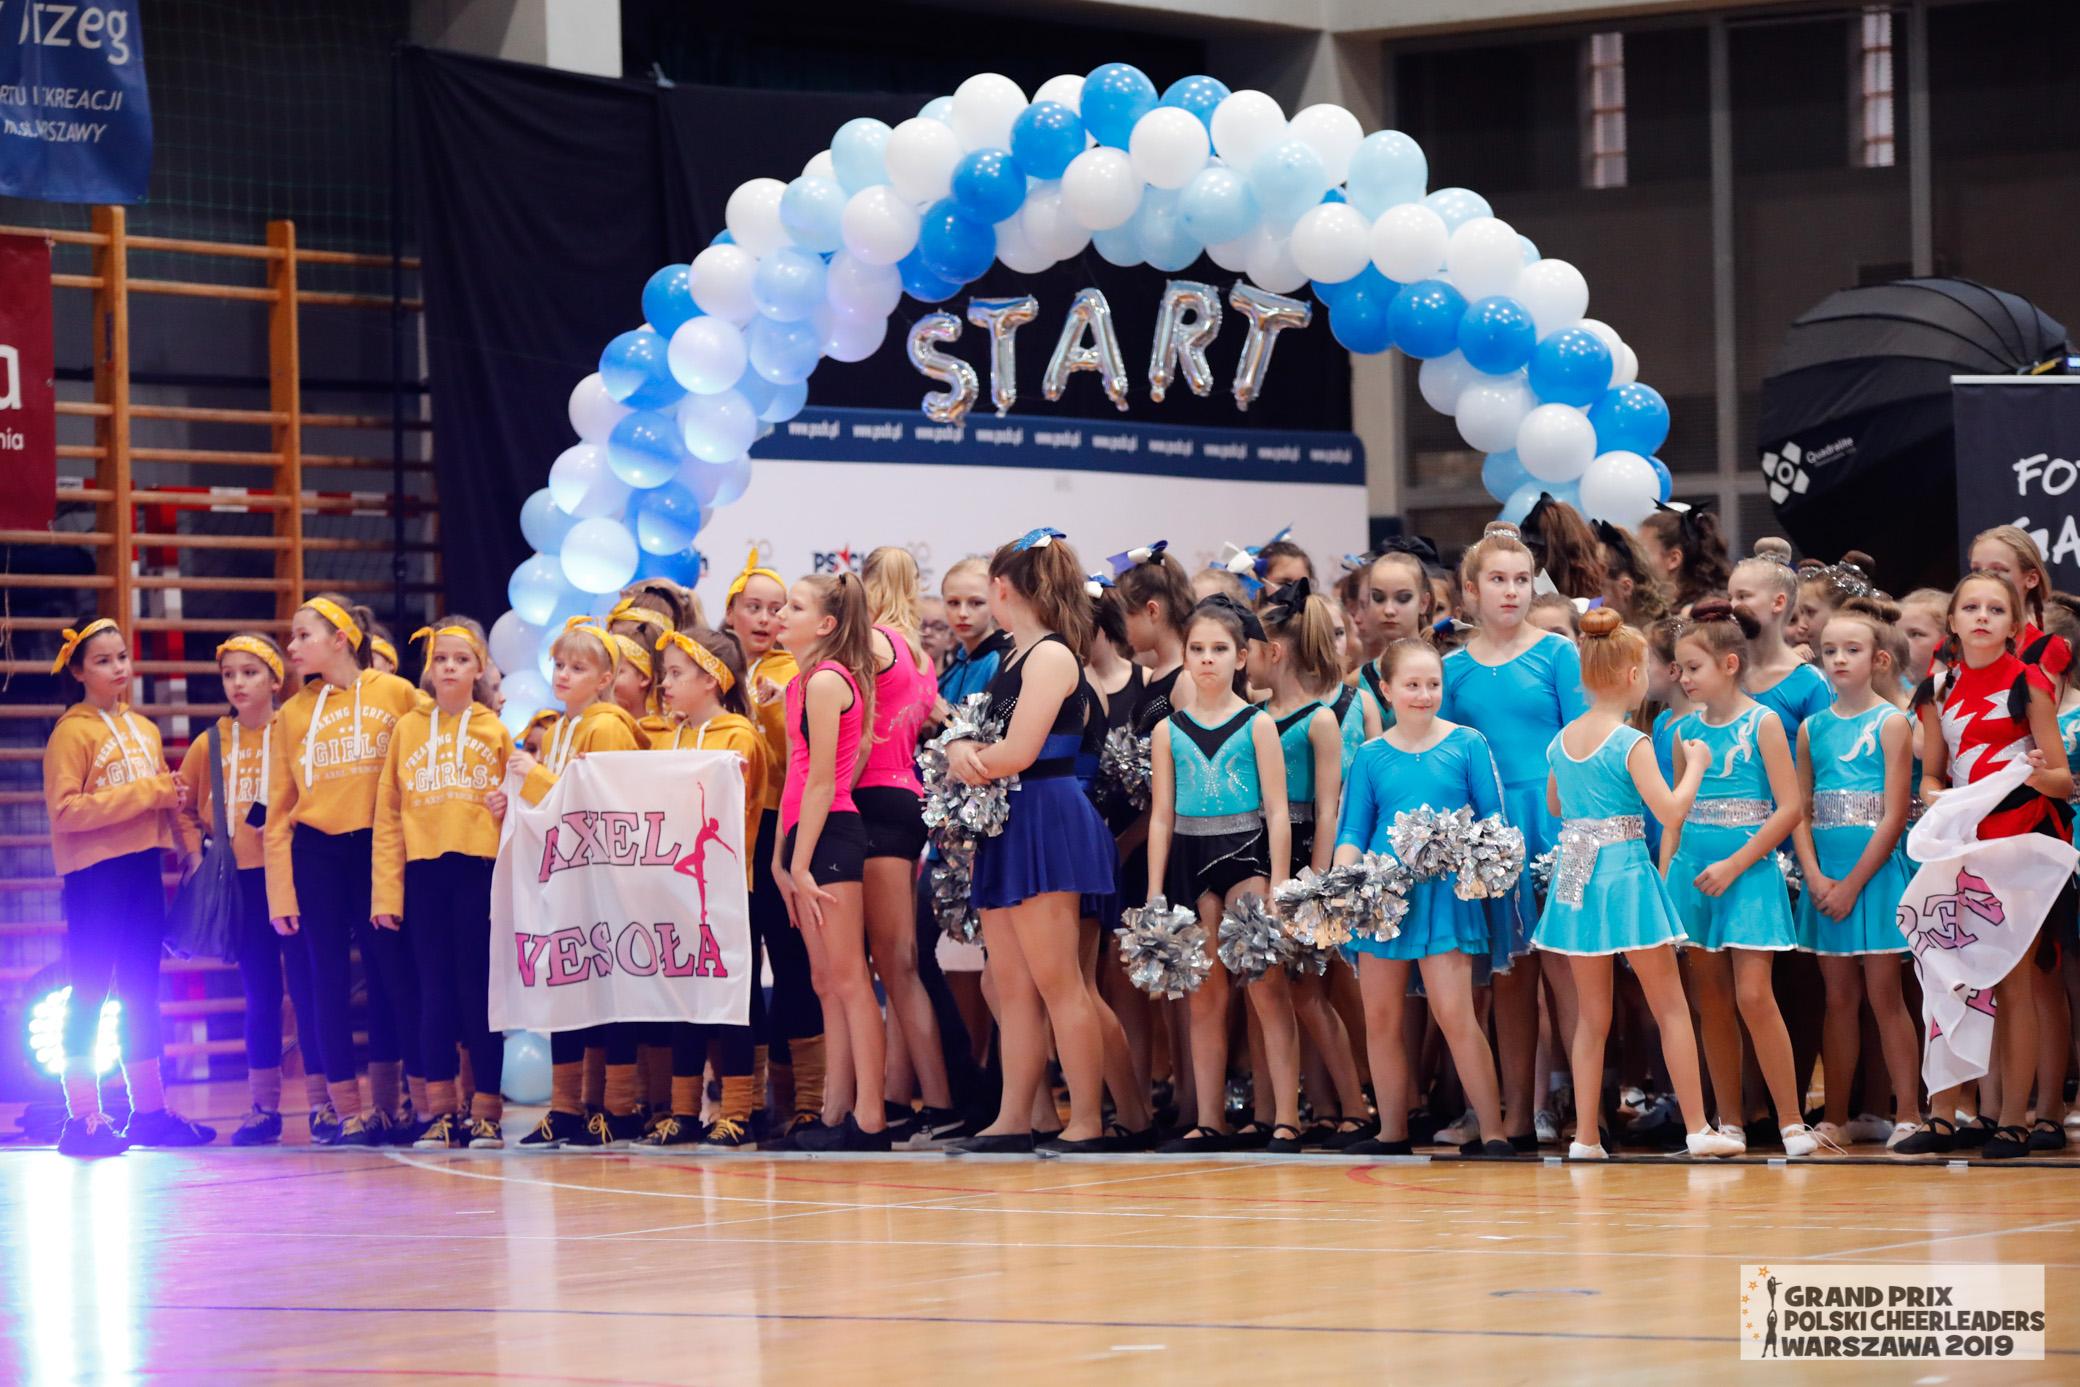 Ogólnopolski Turniej Zespołów Cheerleaders Warszawa 2019